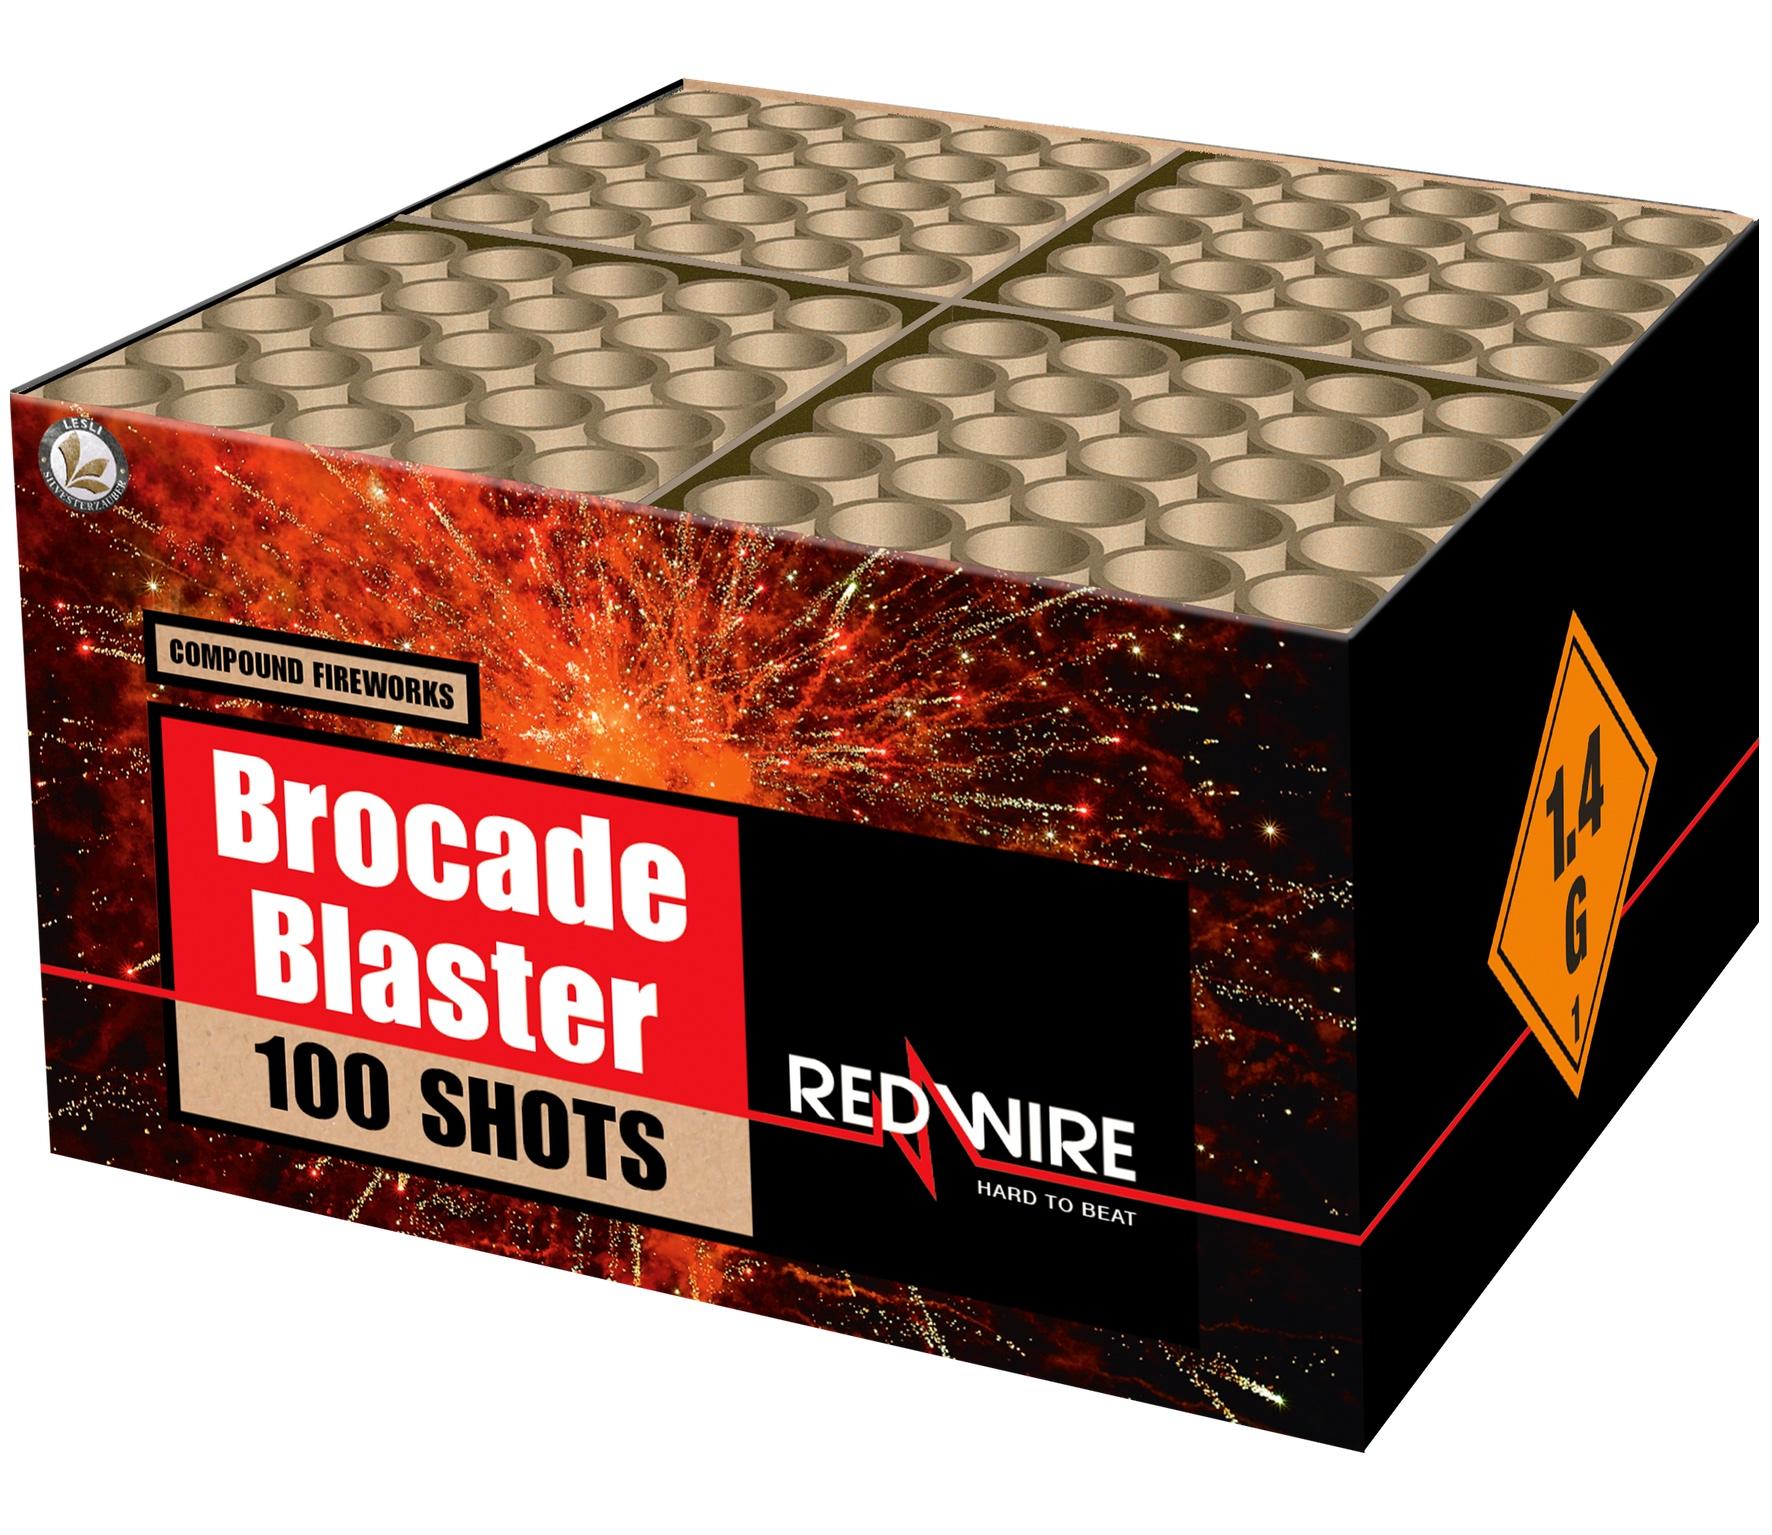 Brocade Blaster 100 schots